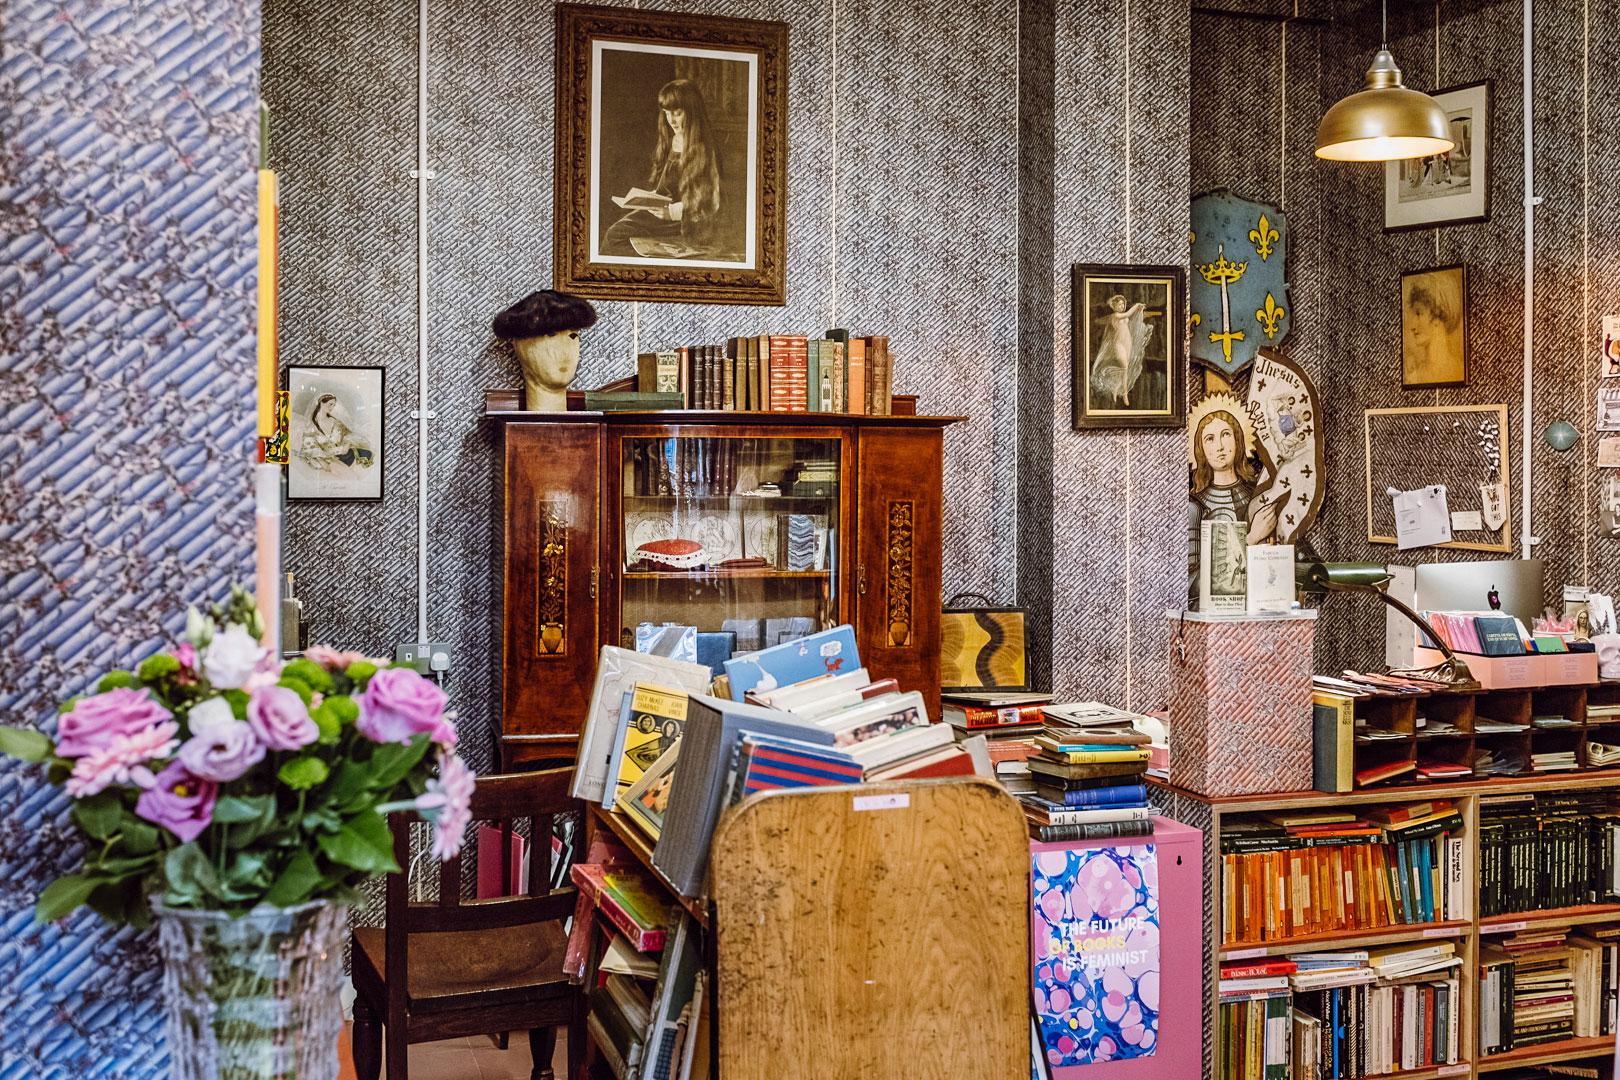 En salig blandning av billiga fynd och unika rariteter. Dyraste boken på The Second Shelf är en signerad Sense and Sensibility för 20 000 pund.